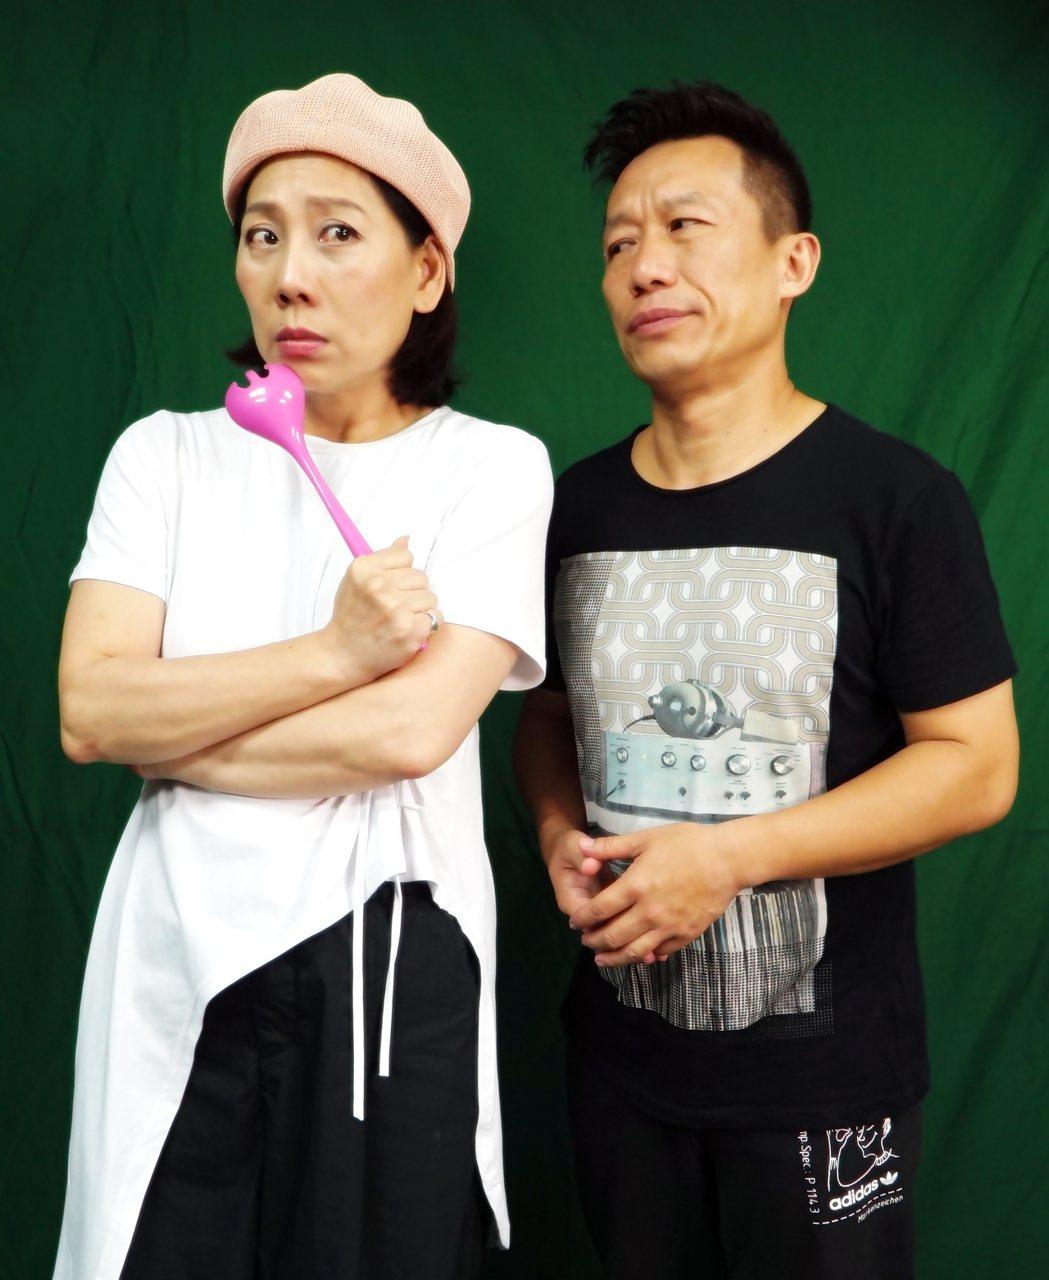 《當我們同在一起》已在台北、新竹、台南巡演6場,有別於其他場次,台中場的爸爸一角